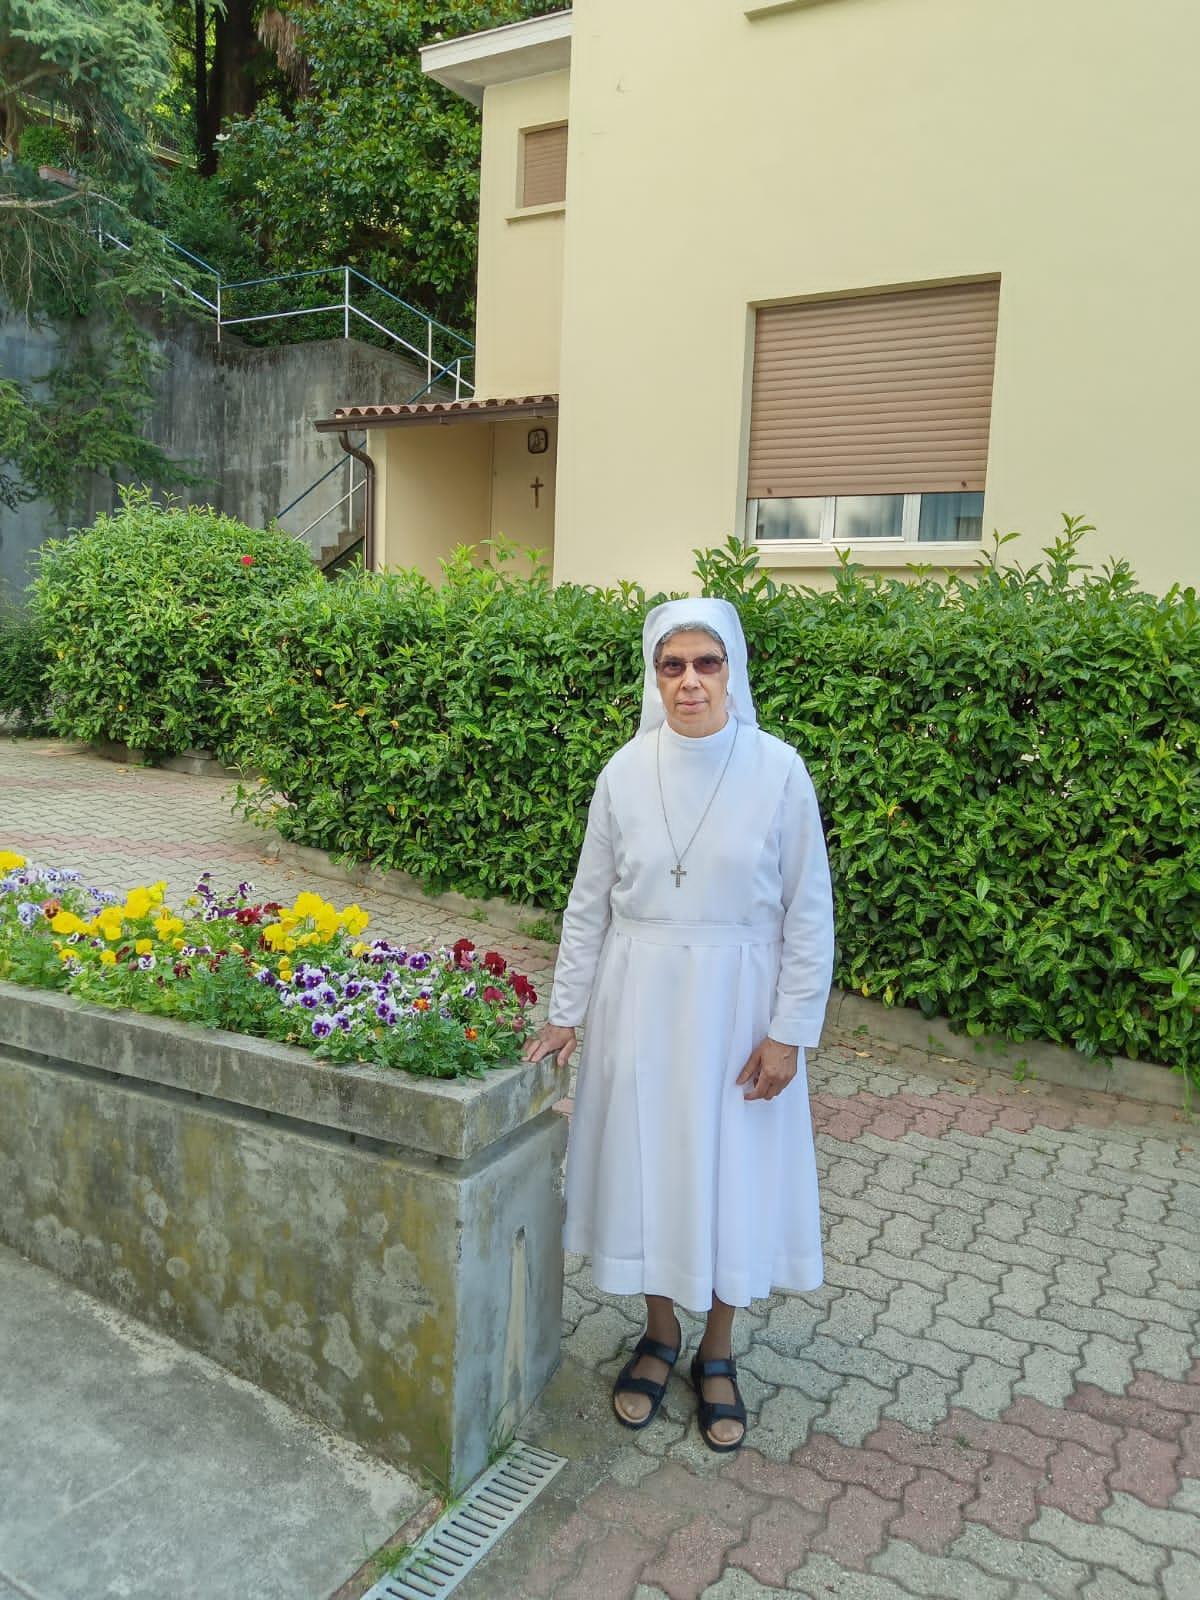 Sr. Mary Ayila